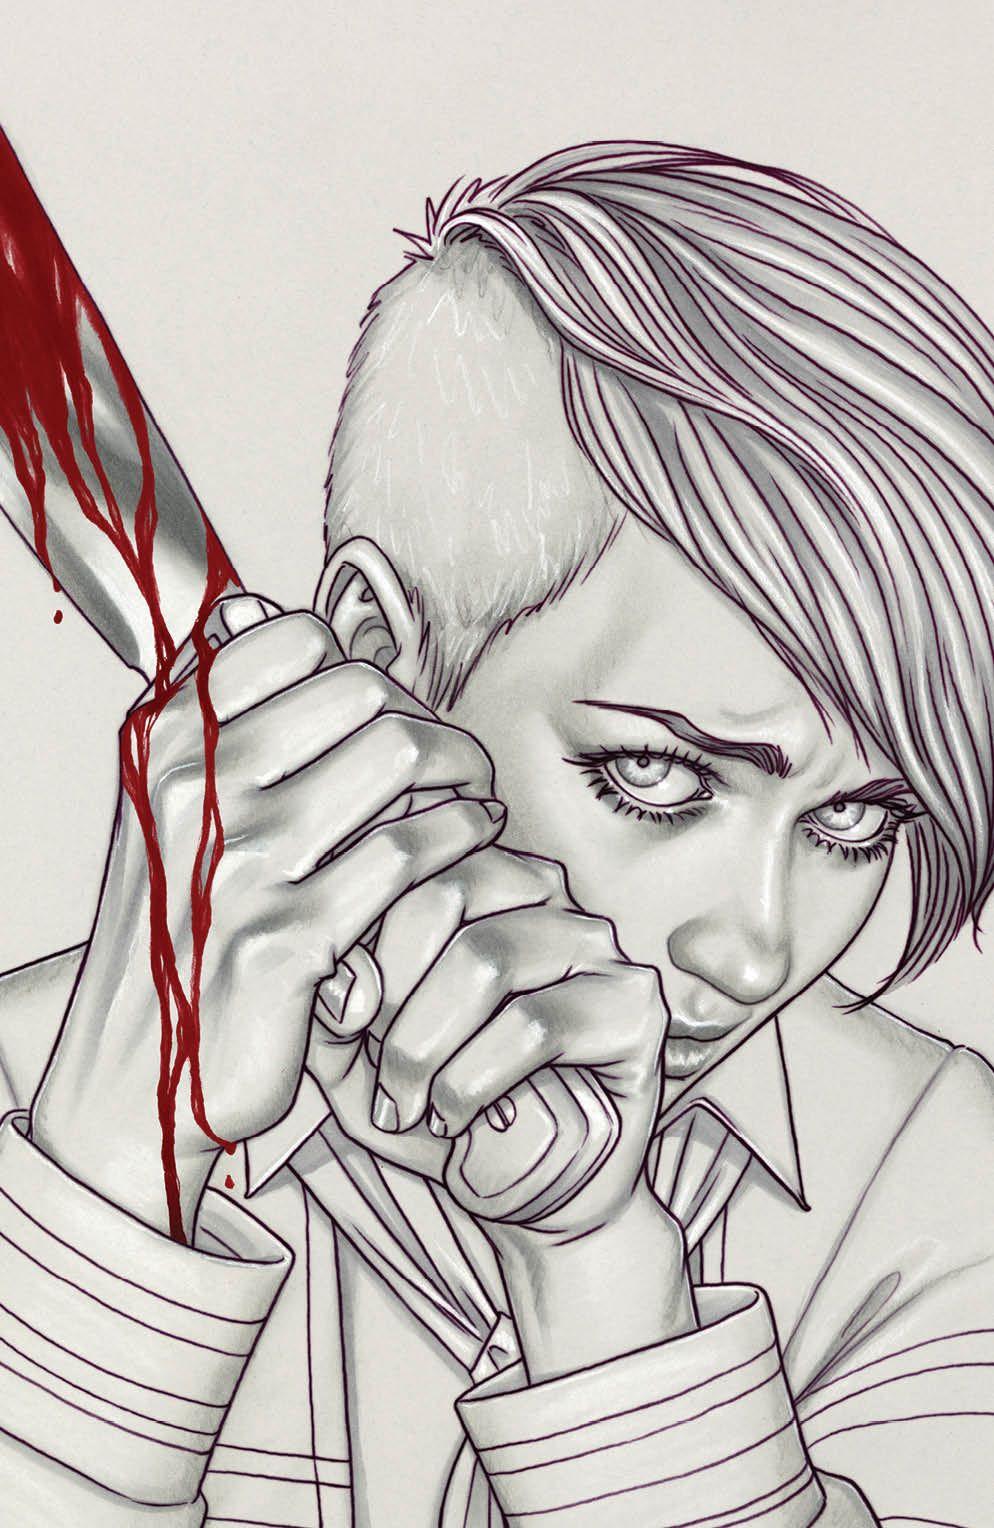 SomethingKillingChildren_016_Cover_D_Variant_001 ComicList Previews: SOMETHING IS KILLING THE CHILDREN #16